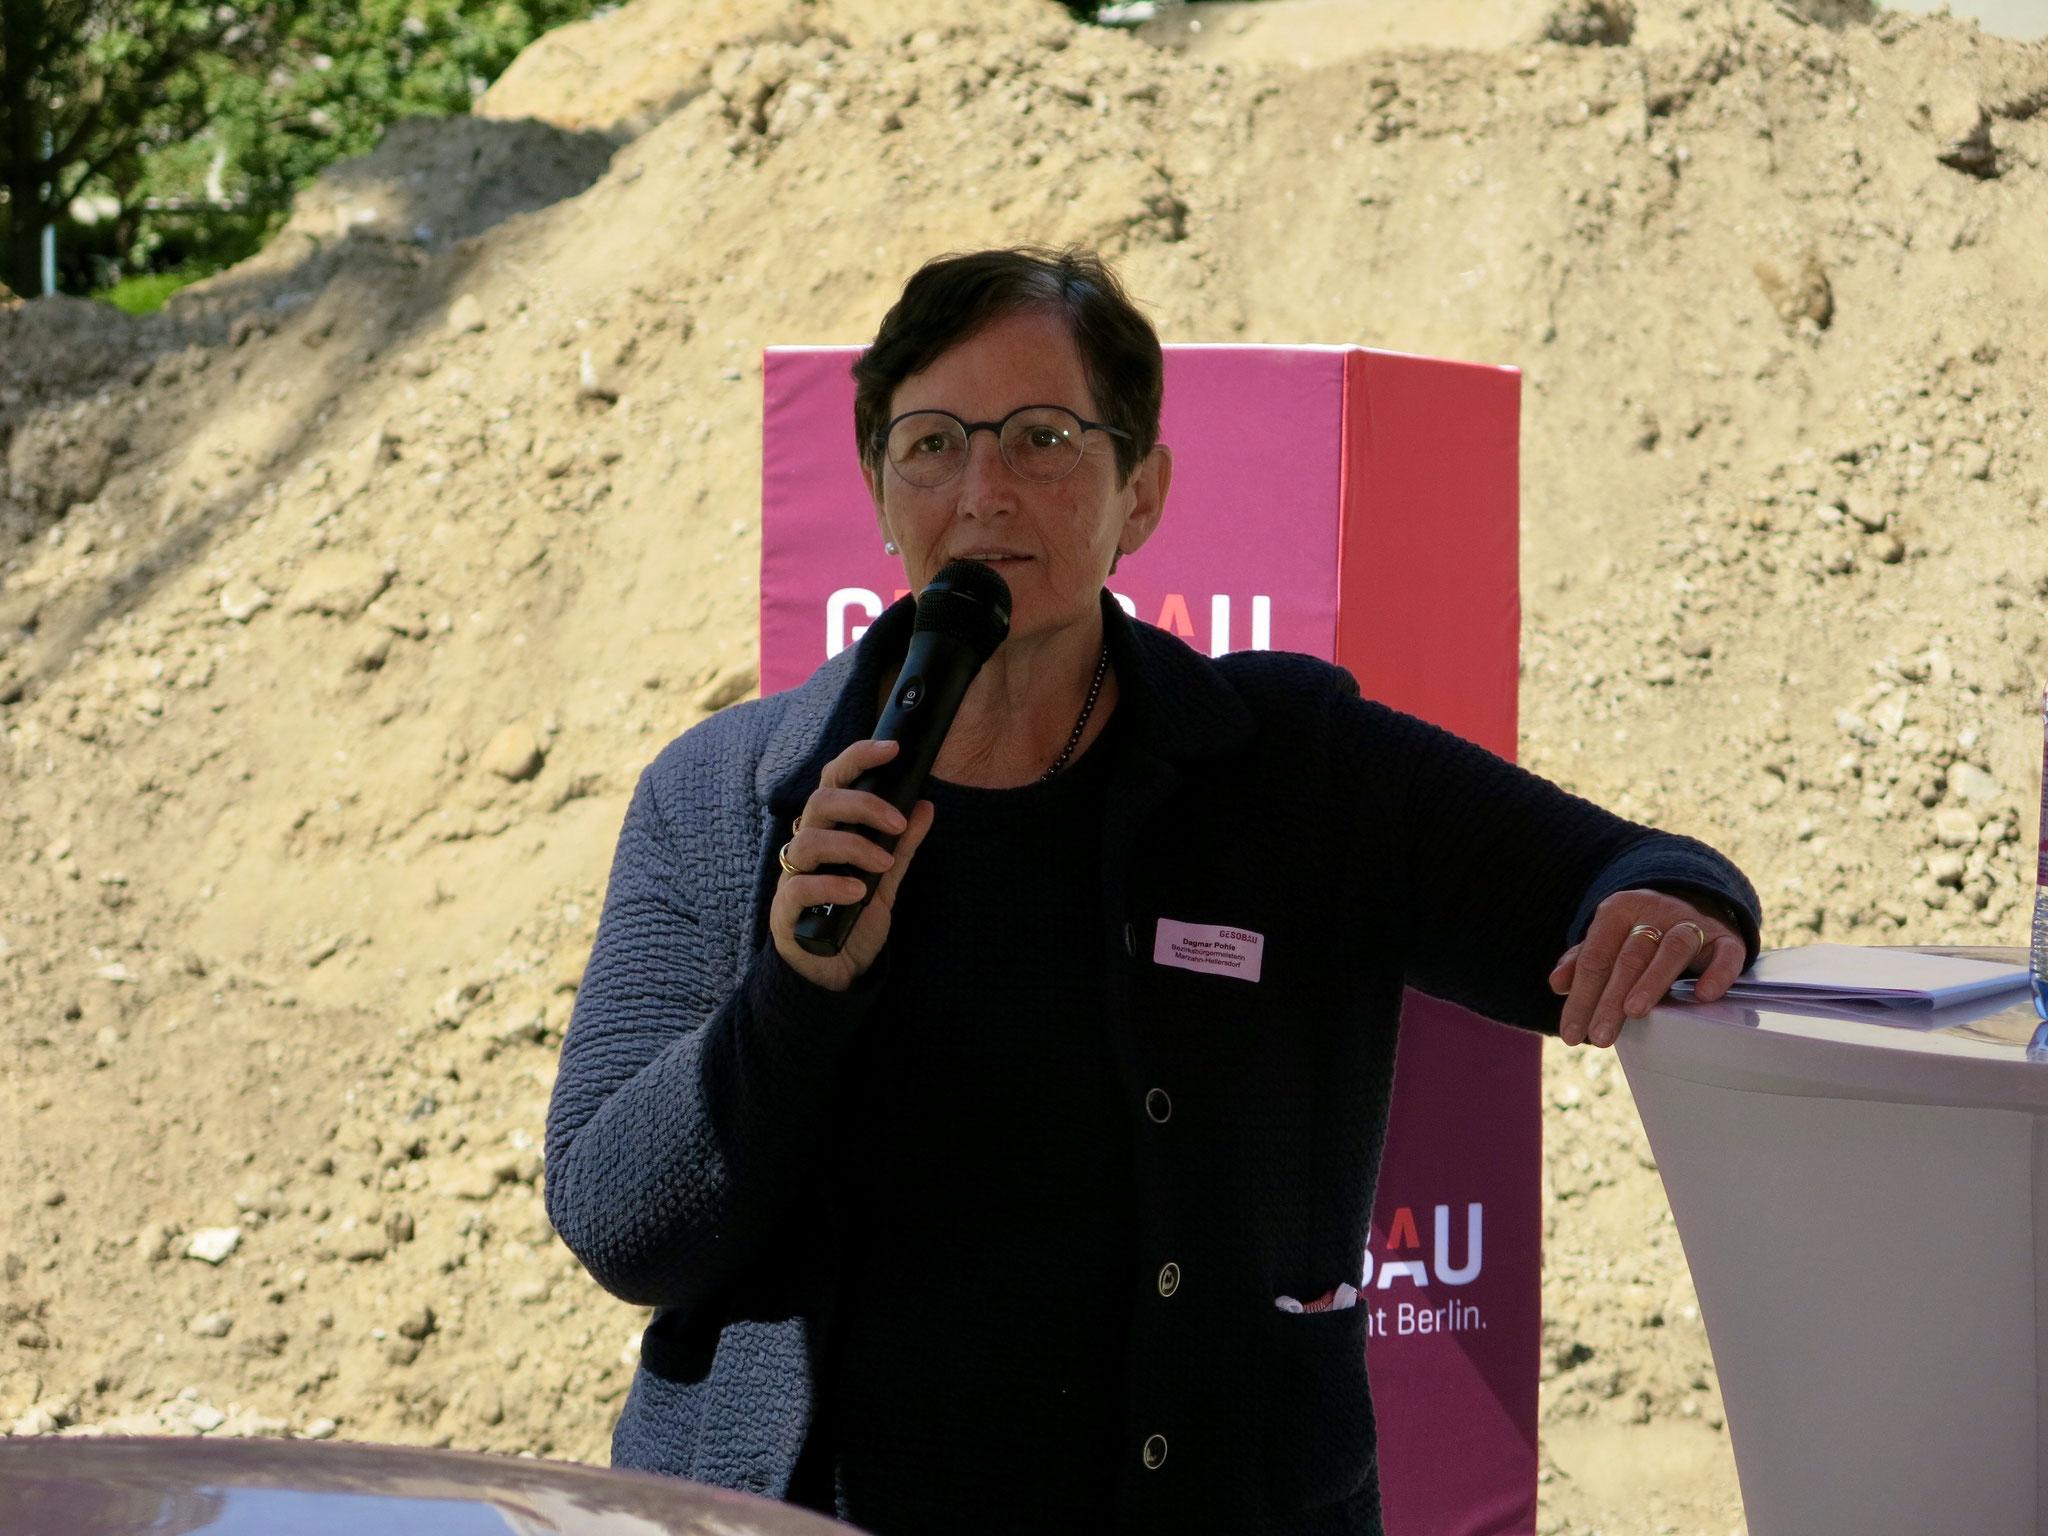 Dagmar Pohle, Bezirksbürgermeisterin von Marzahn-Hellersdorf